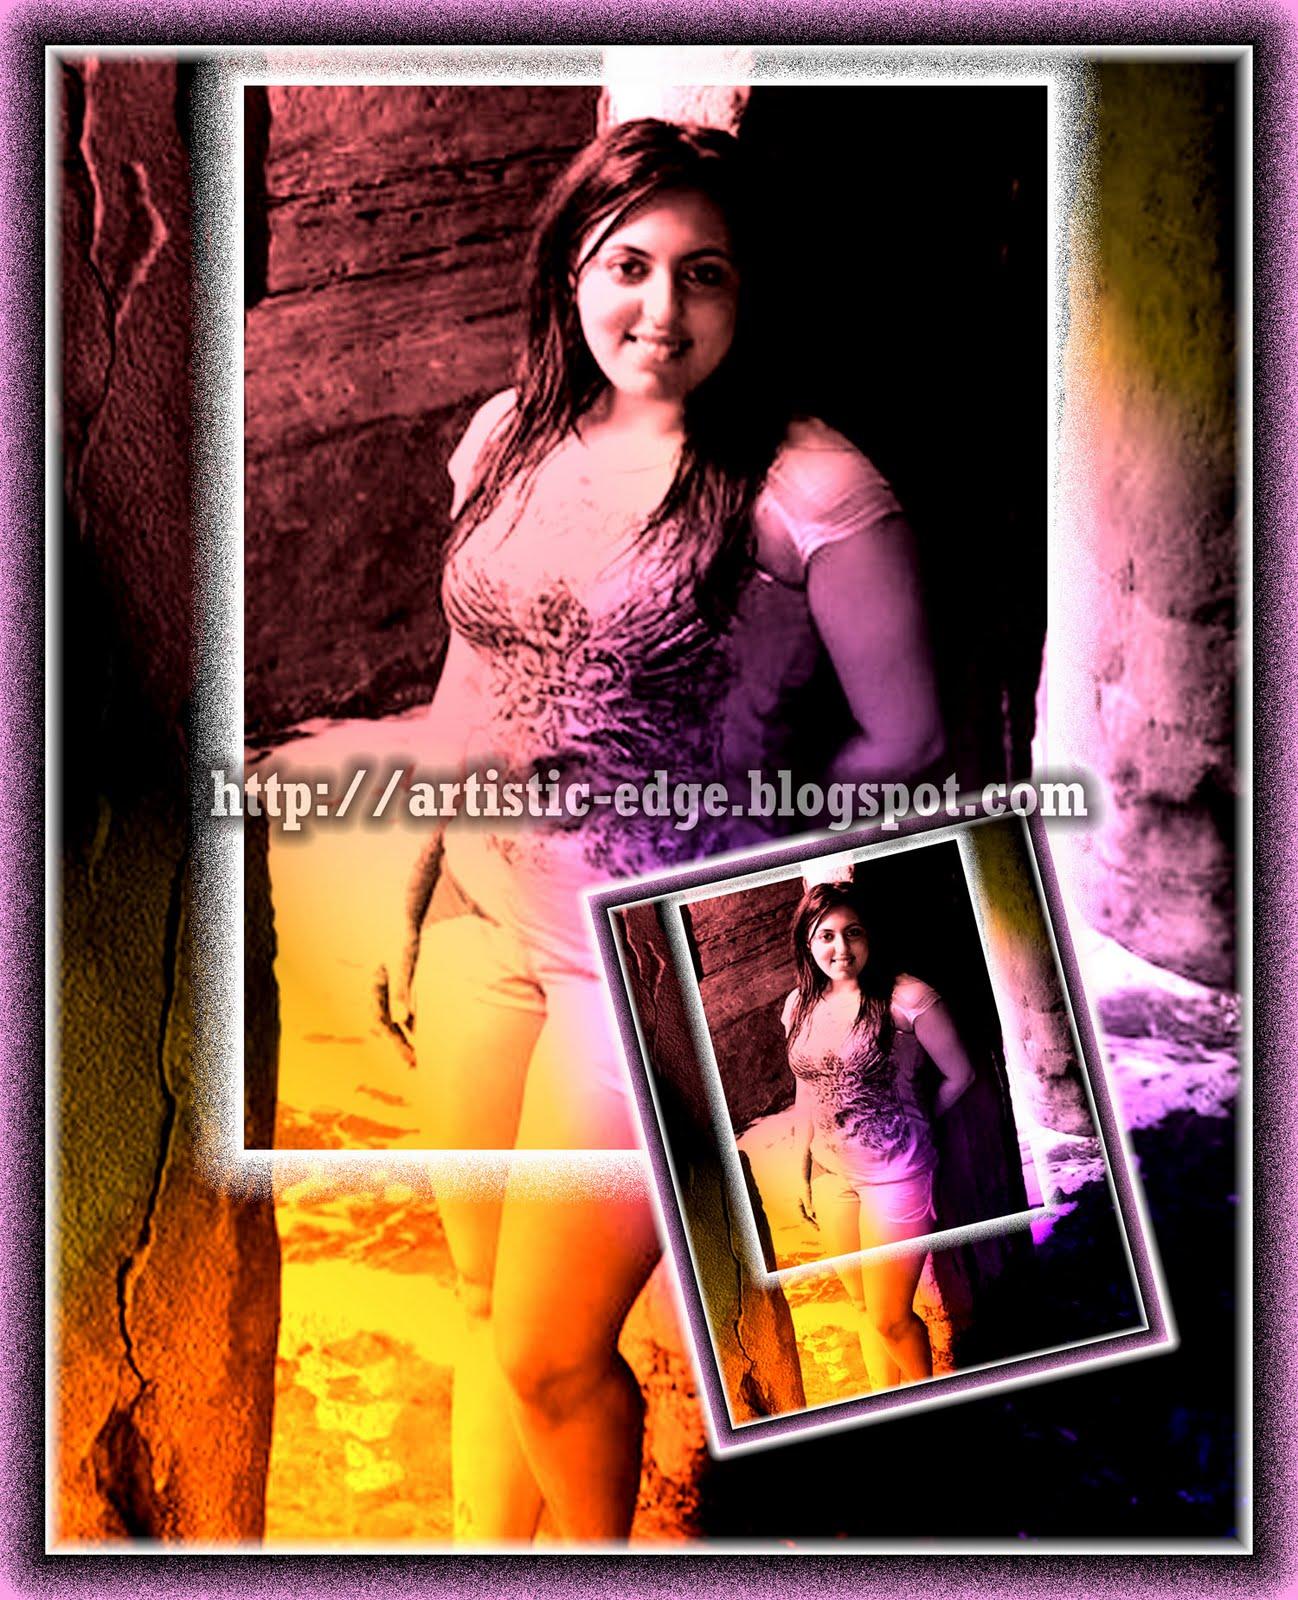 http://3.bp.blogspot.com/-WyP0kRW2cK8/TcfBeYsmBlI/AAAAAAAAAOo/UsNvsEGHKTI/s1600/Beautiful+Girl+of+Karachi.jpg